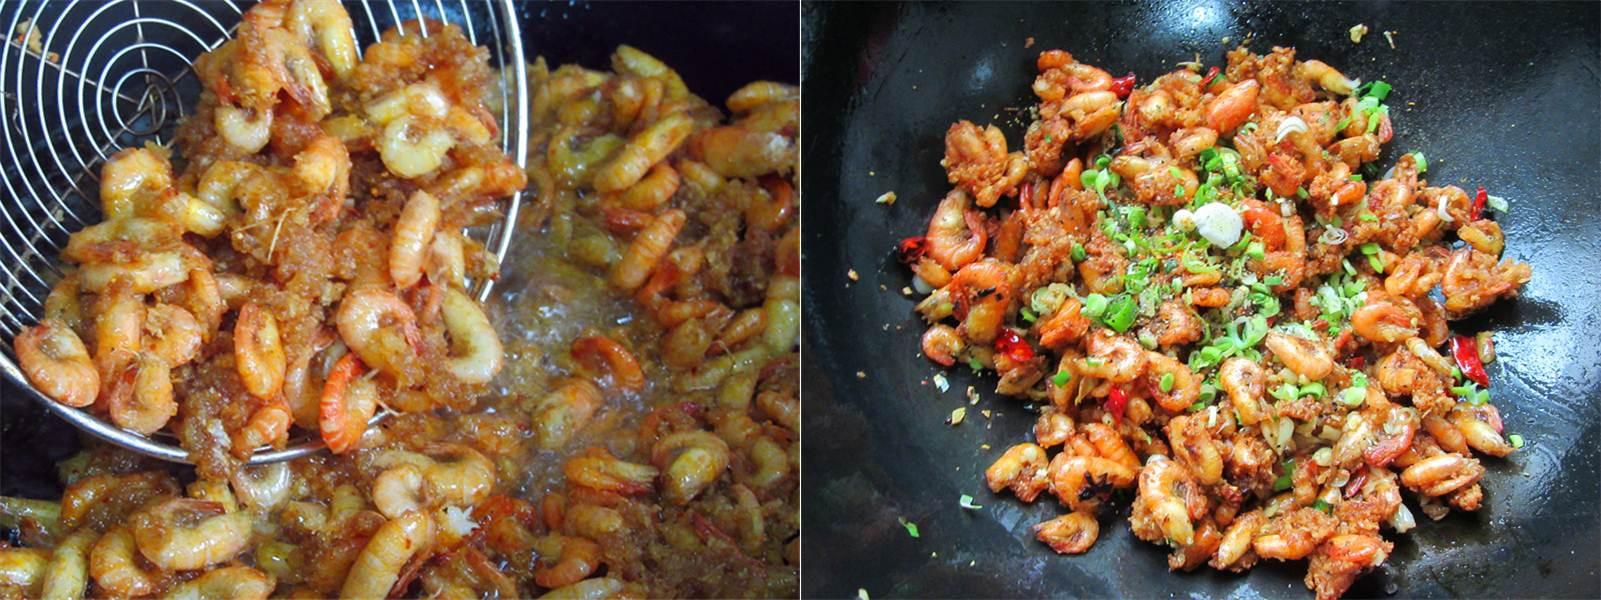 Mách bạn cách làm món tôm rang tỏi ớt đậm đà ngon cơm - Ảnh 4